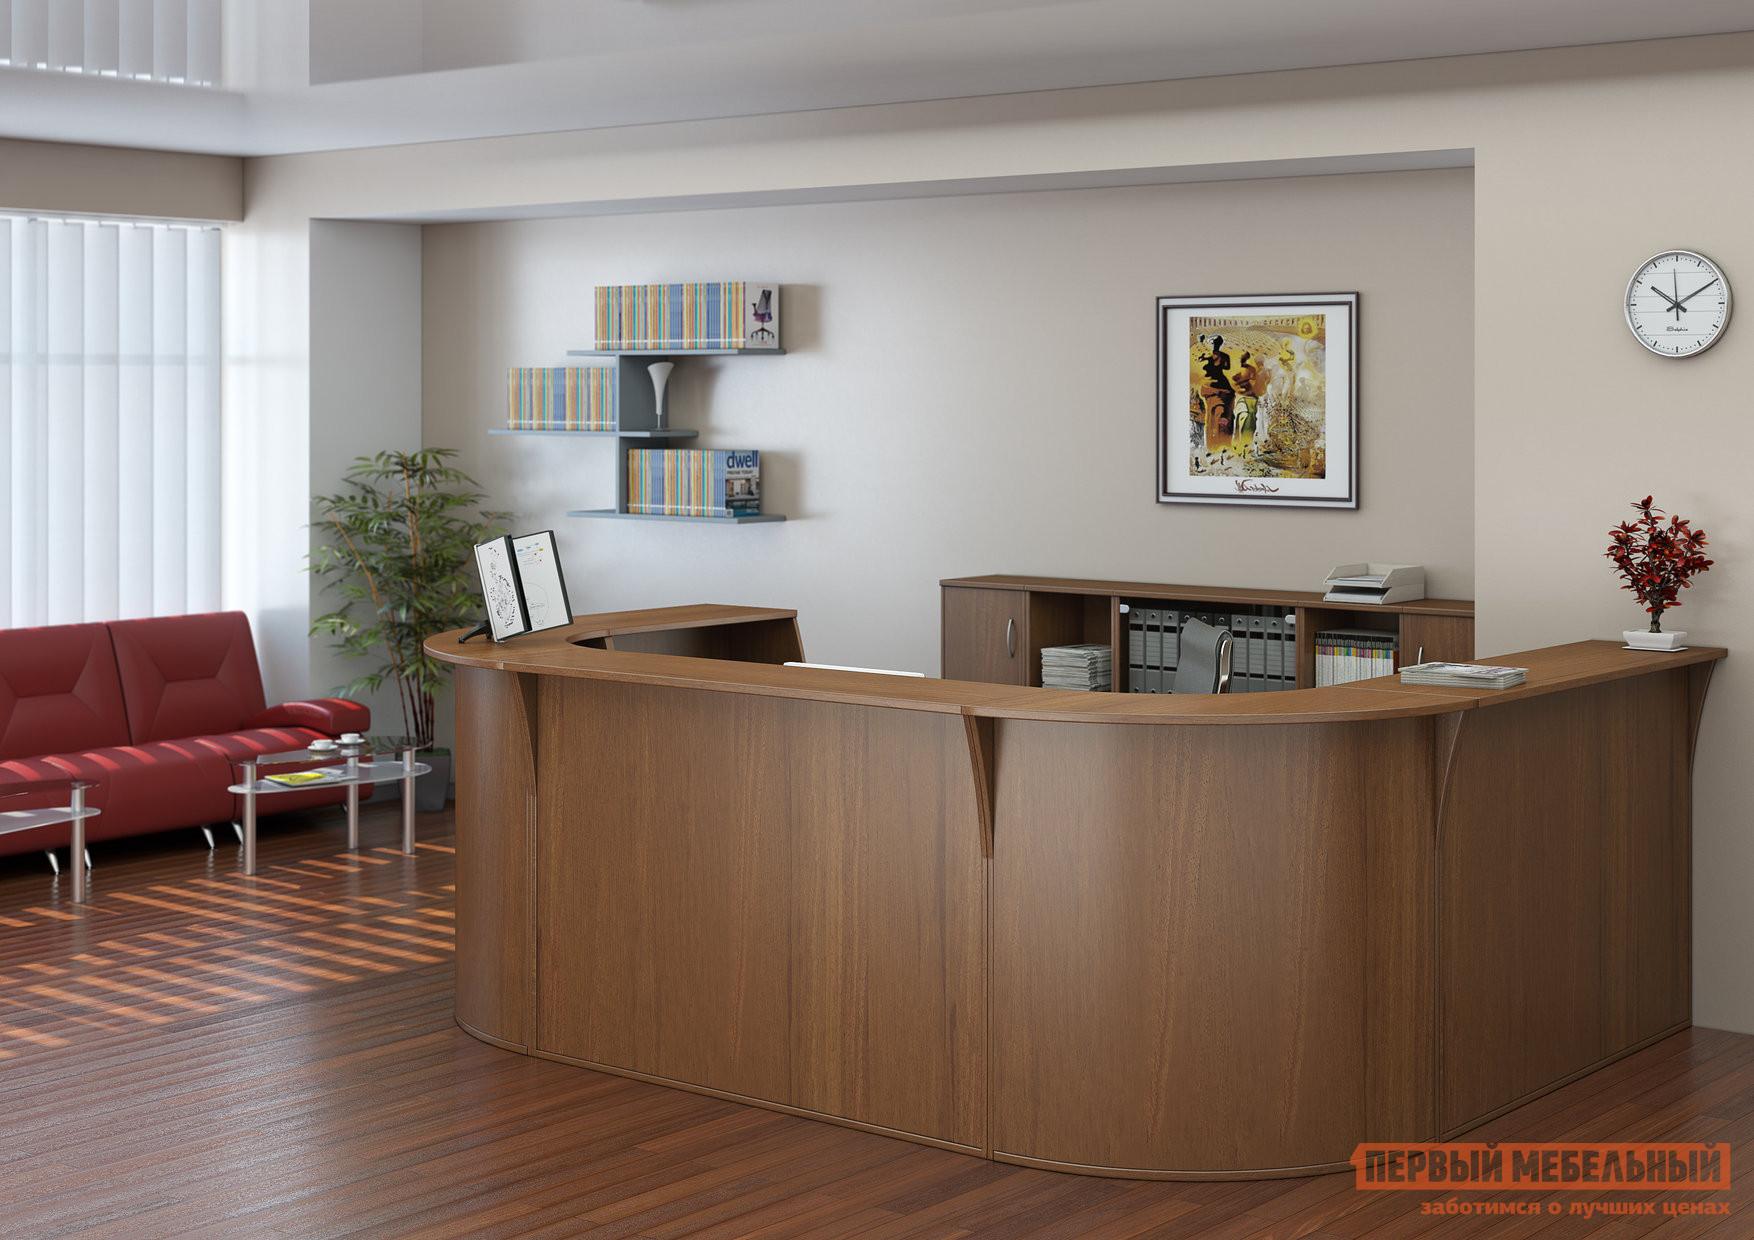 Комплект офисной мебели Riva Рива Ресепшн К1 oodji 11902101 4 14912 1245e